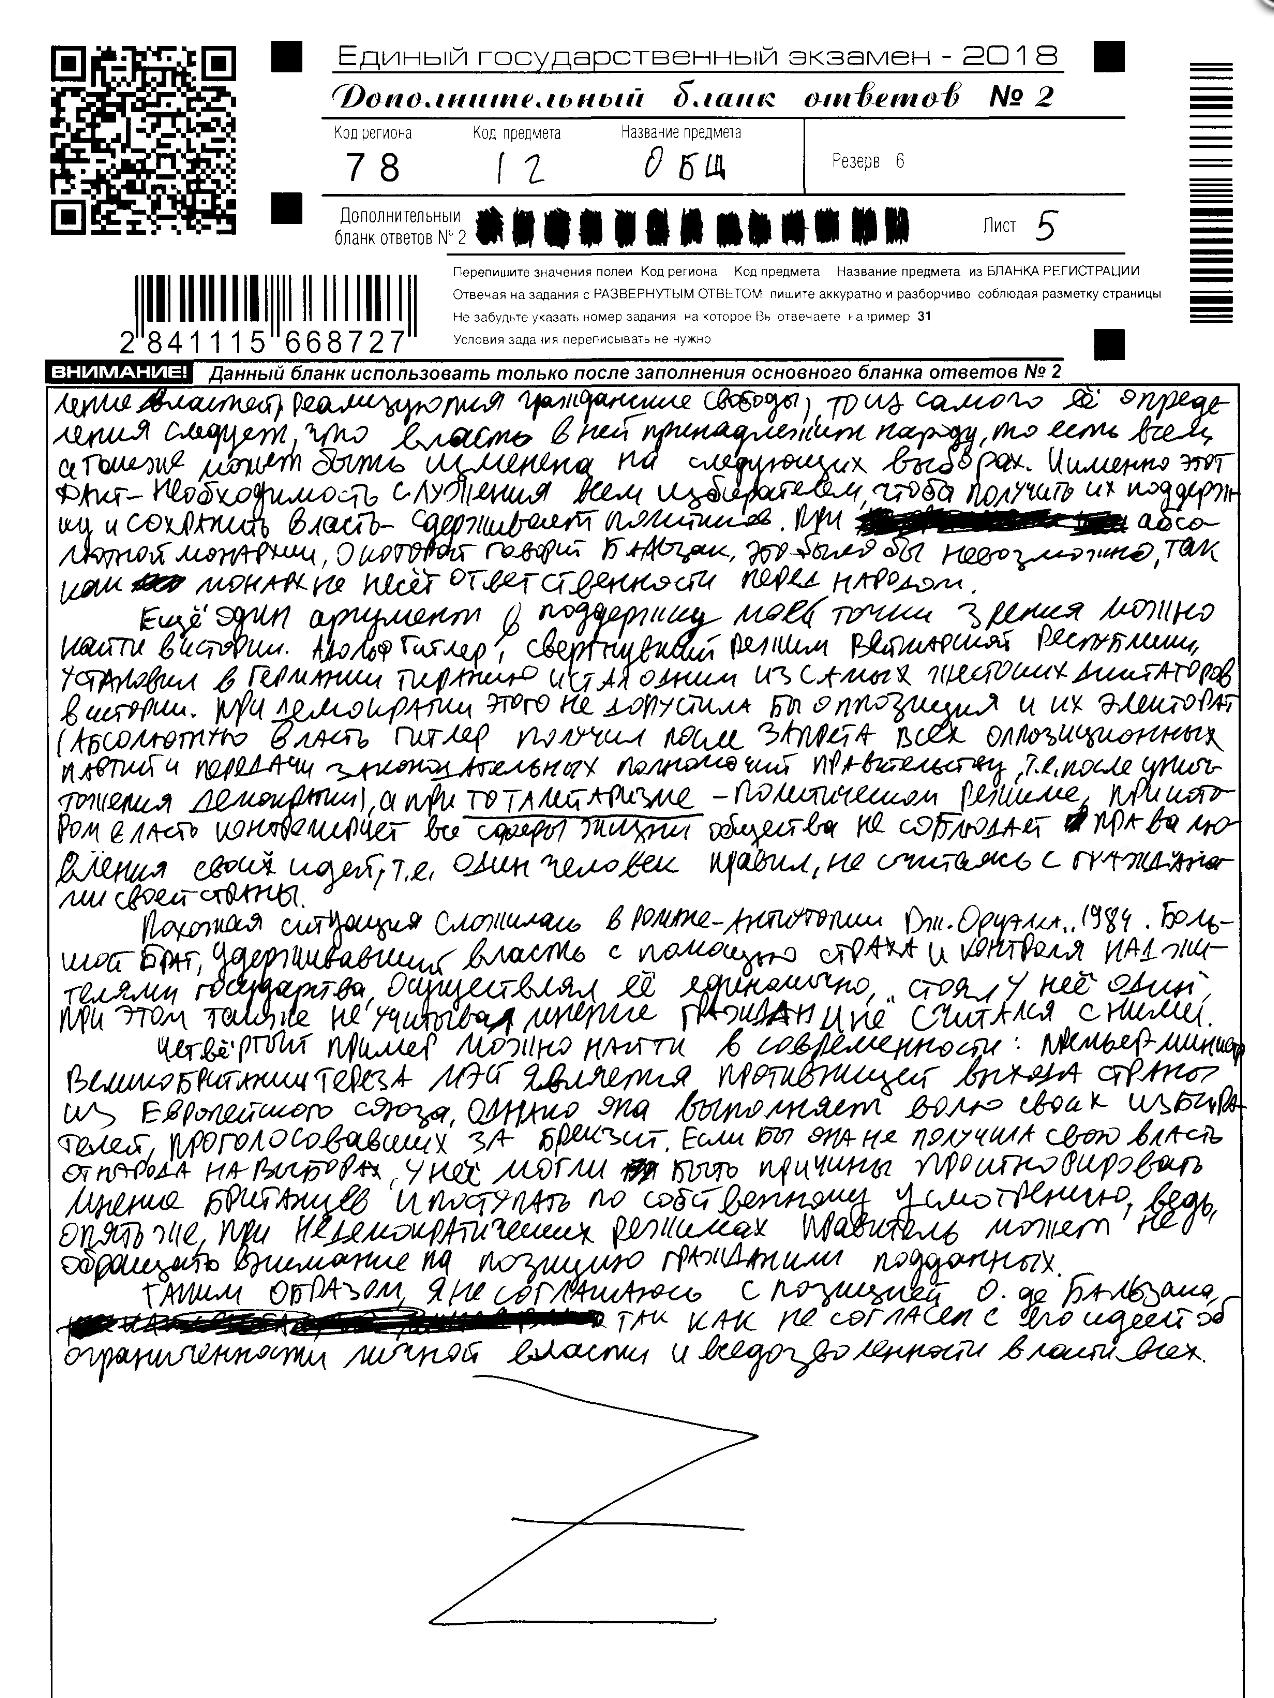 Скан второго бланка с развернутыми ответами из второй части ЕГЭ. За это эссе мне сняли балл, который я вернул на апелляции